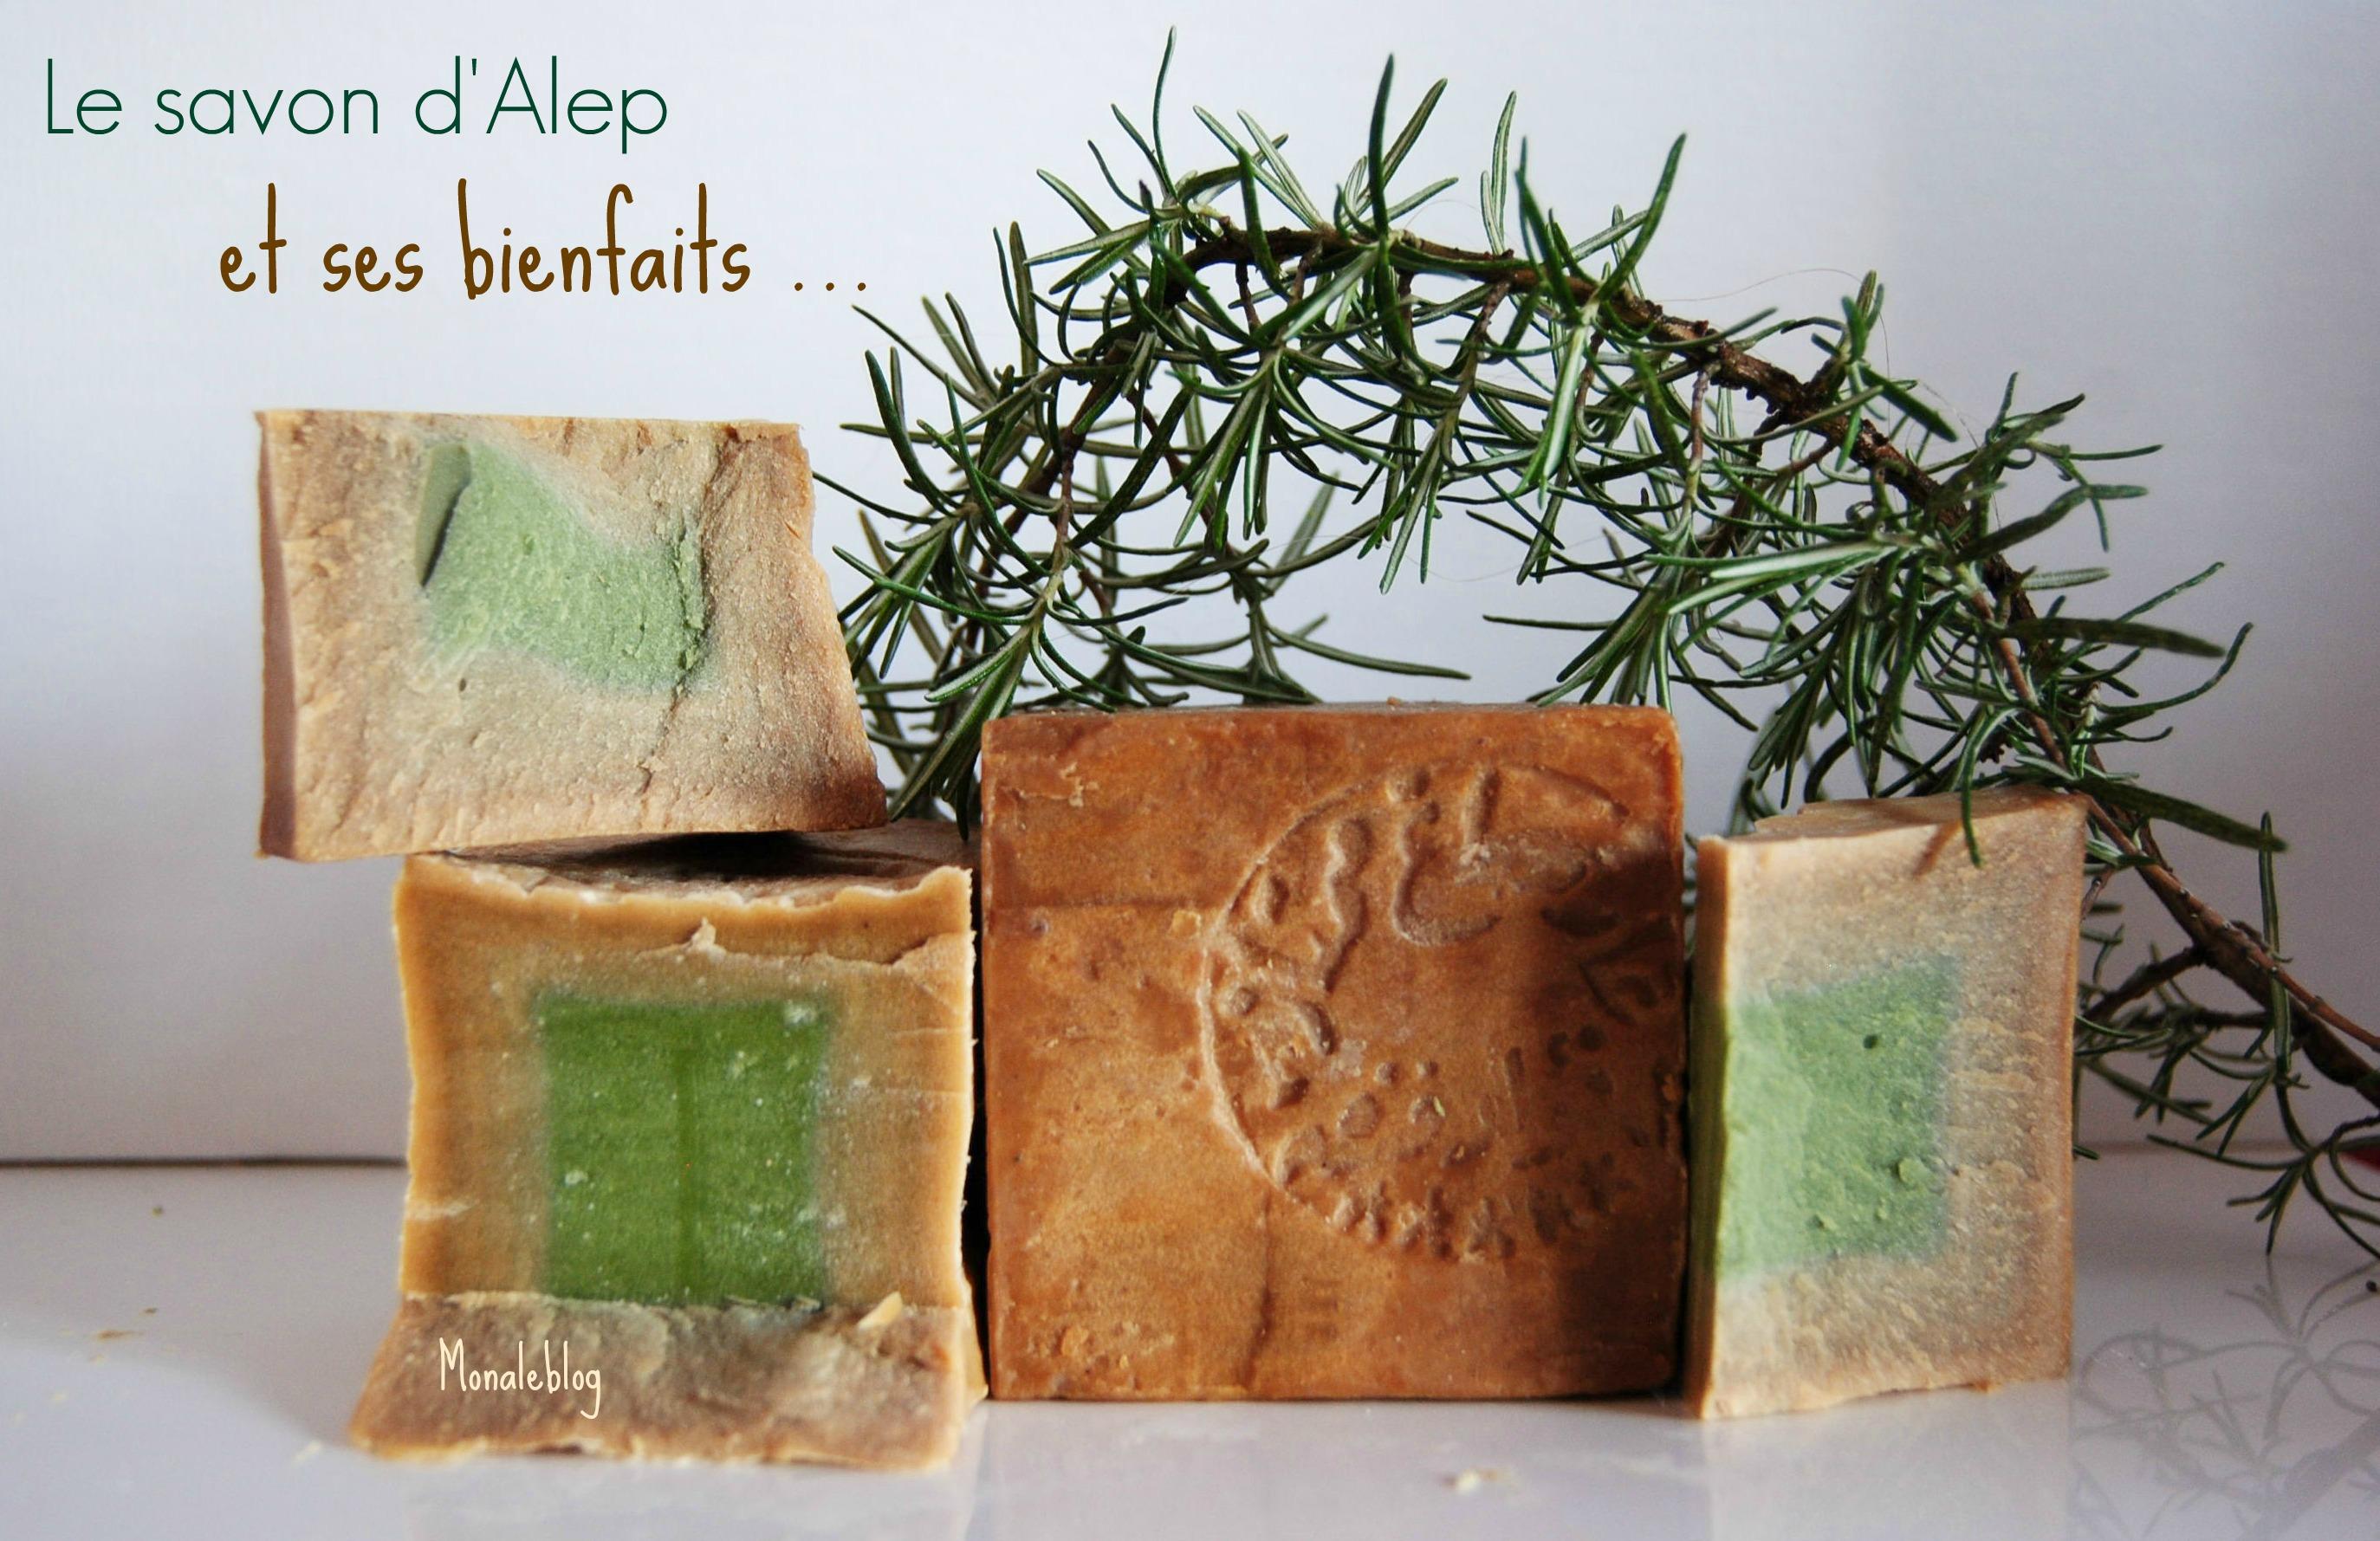 Les bienfaits du savon d'Alep sur l'eczéma